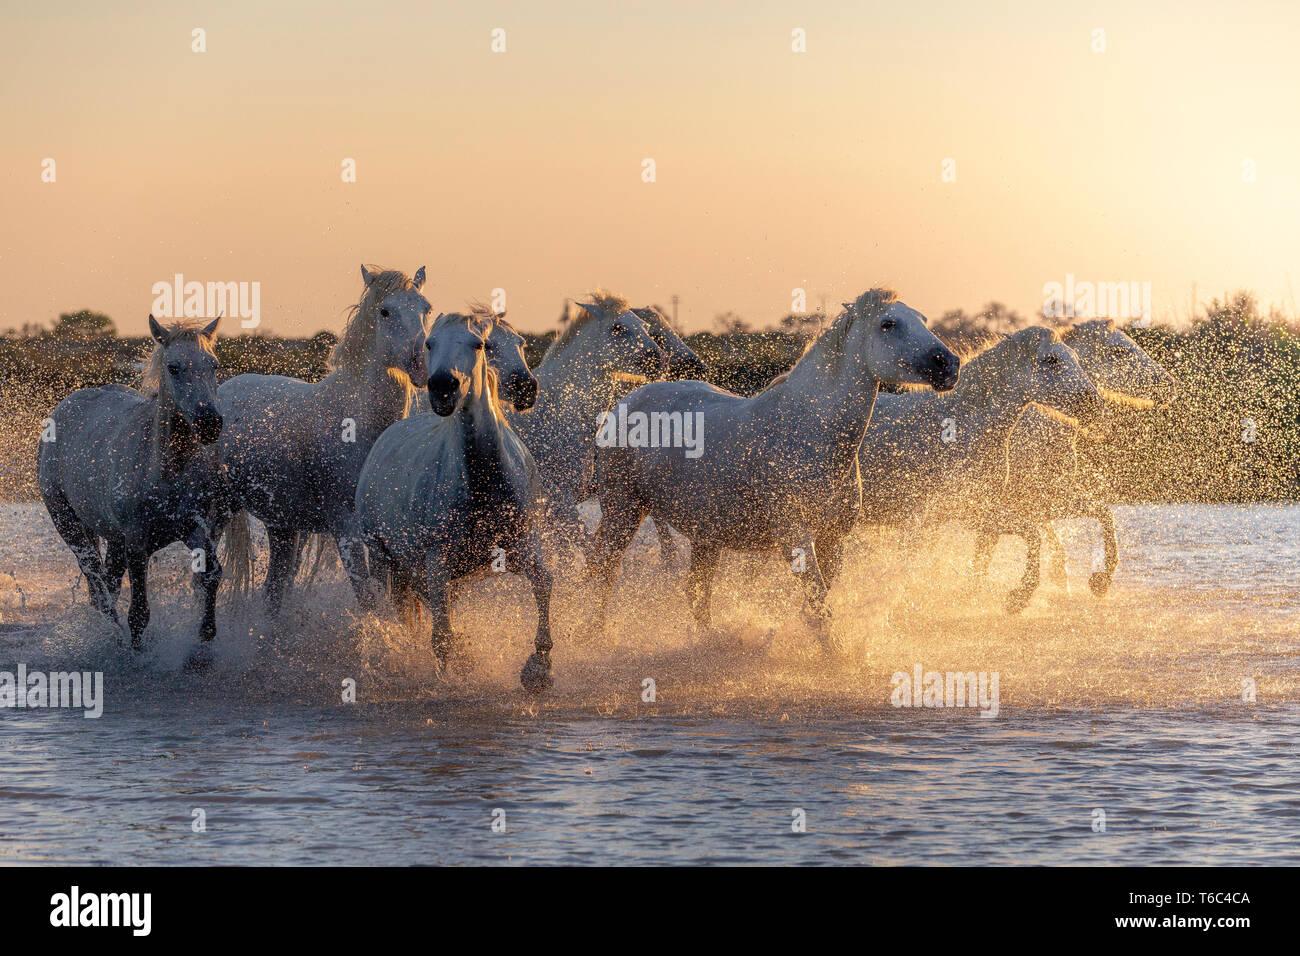 Blanco caballos salvajes de la camarga corriendo sobre el agua, Aigues Mortes, en el sur de Francia Foto de stock